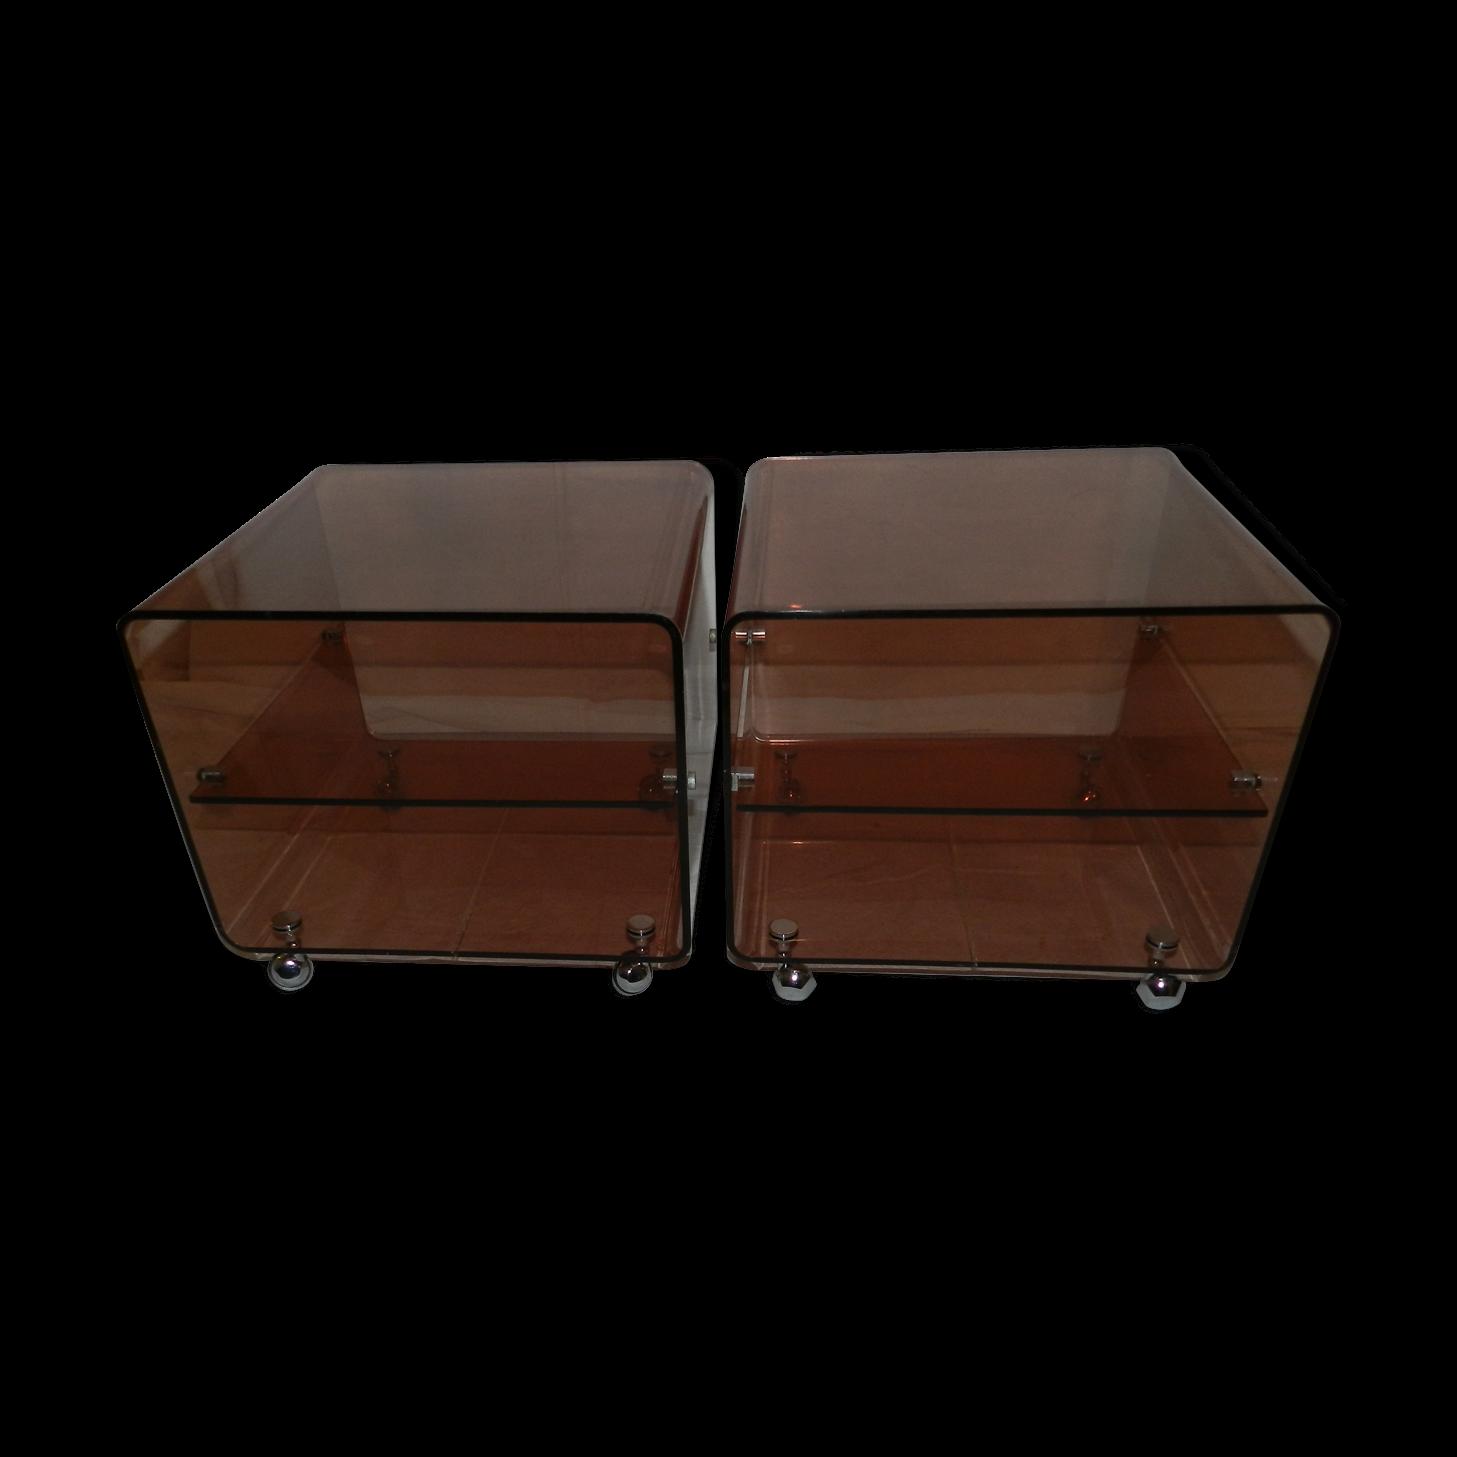 table de chevet en plexiglas chevet chne massif dawud ampm with table de chevet en plexiglas. Black Bedroom Furniture Sets. Home Design Ideas